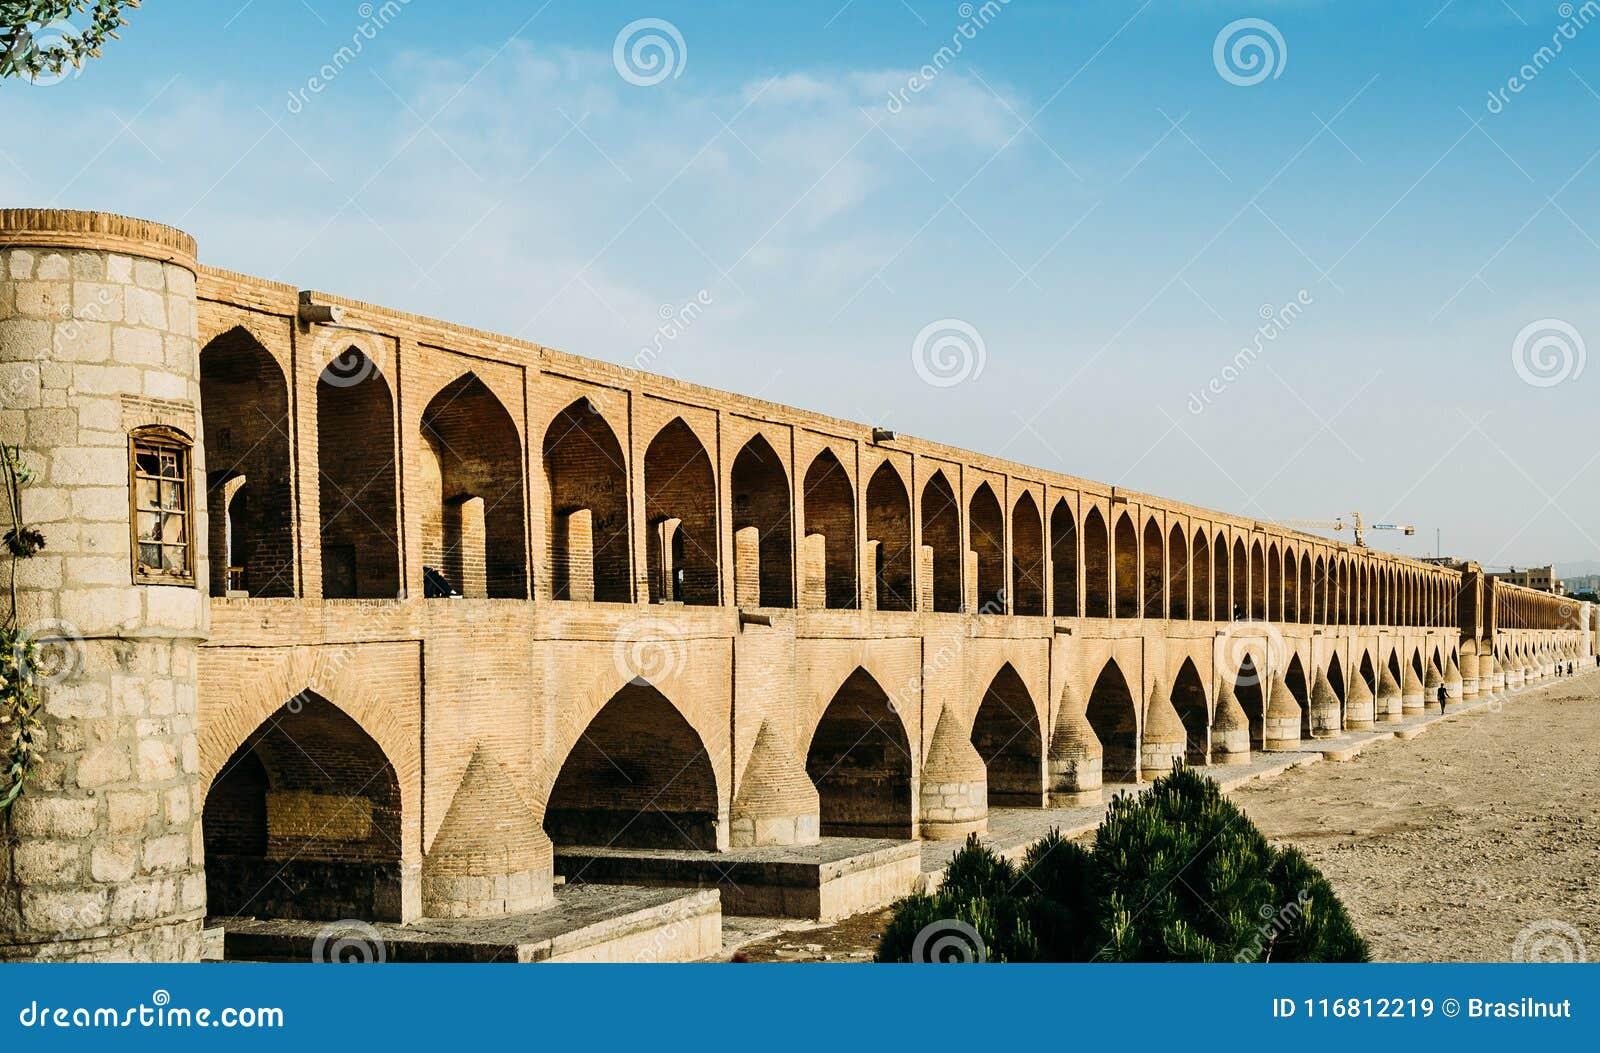 Presto la diciassettesima c, politico di si-o-seh, anche conosciuto come Allahverdi Khan Bridge, a Ispahan, l Iran si compone di